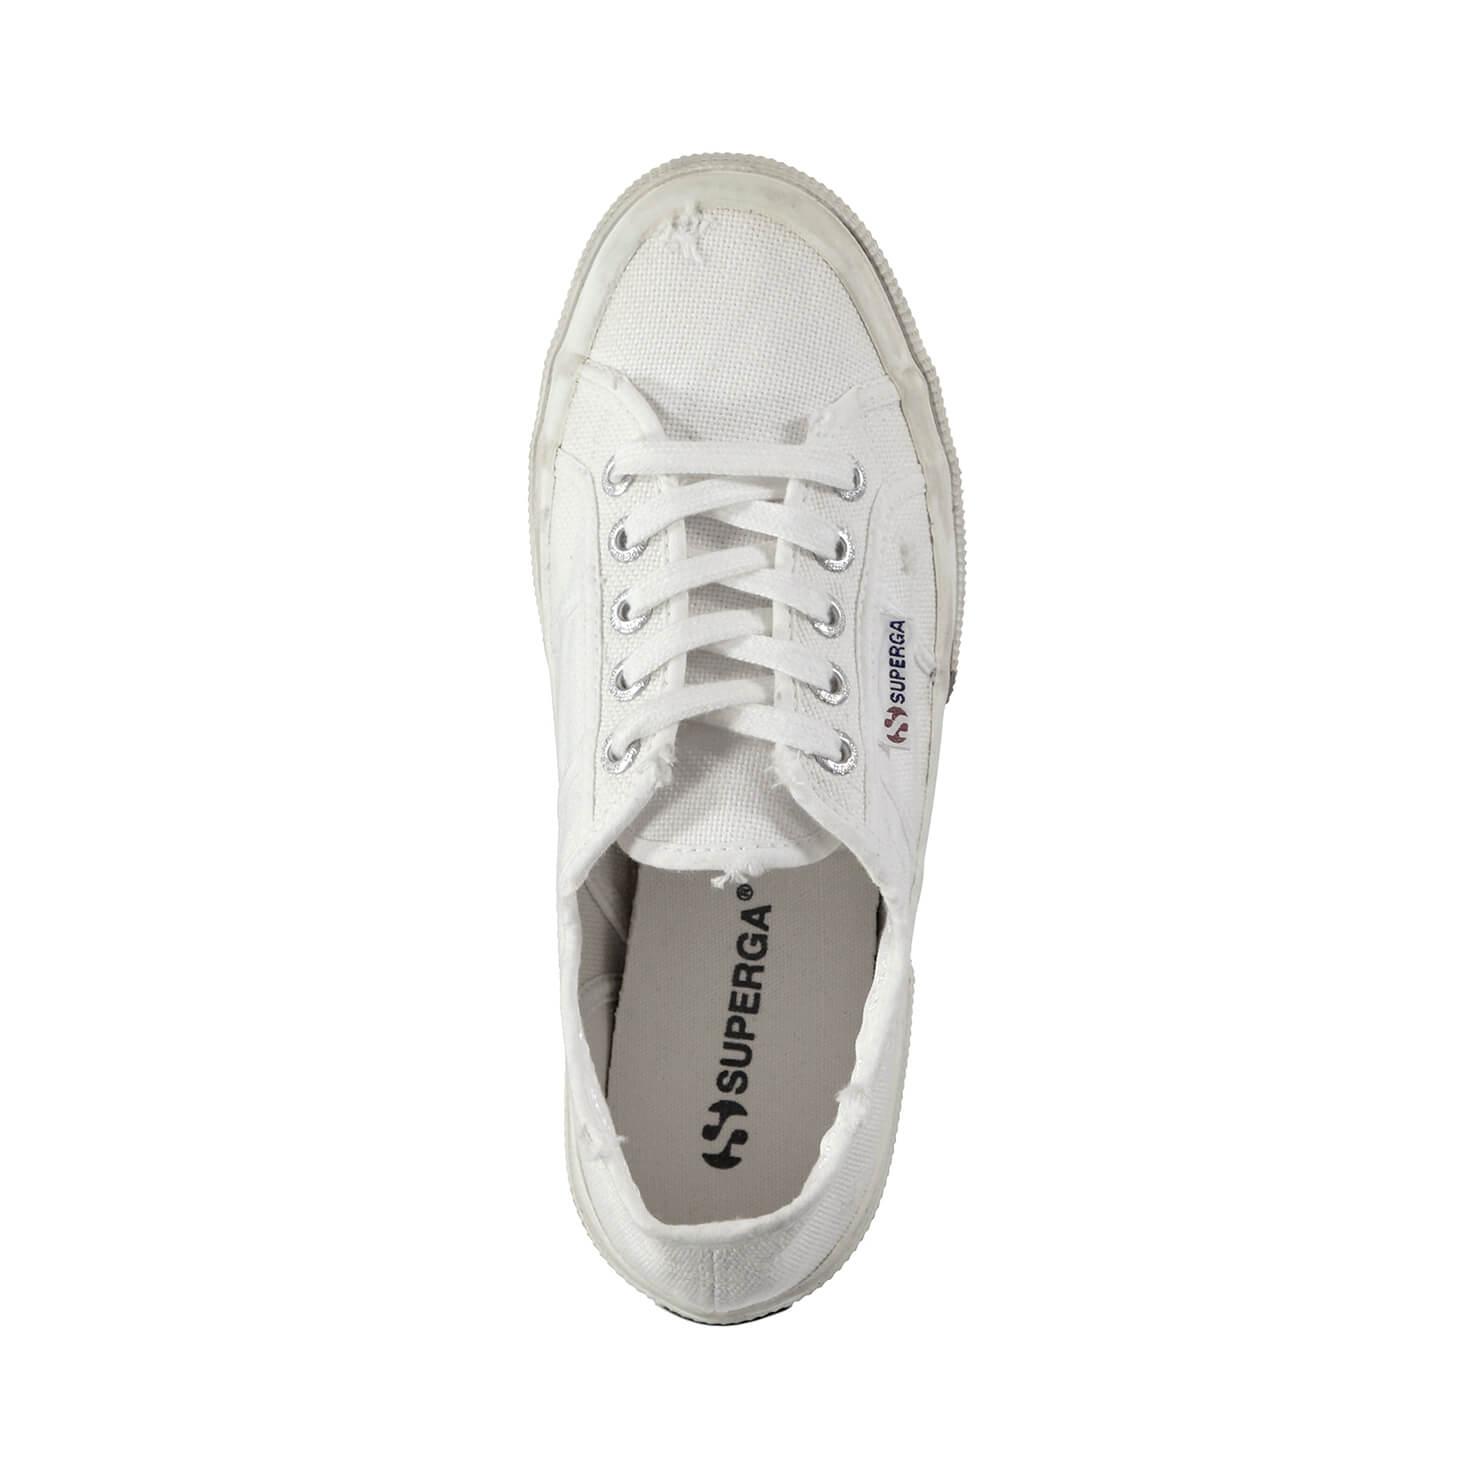 Superga Cotu Stone Wash Kadın Beyaz Sneaker